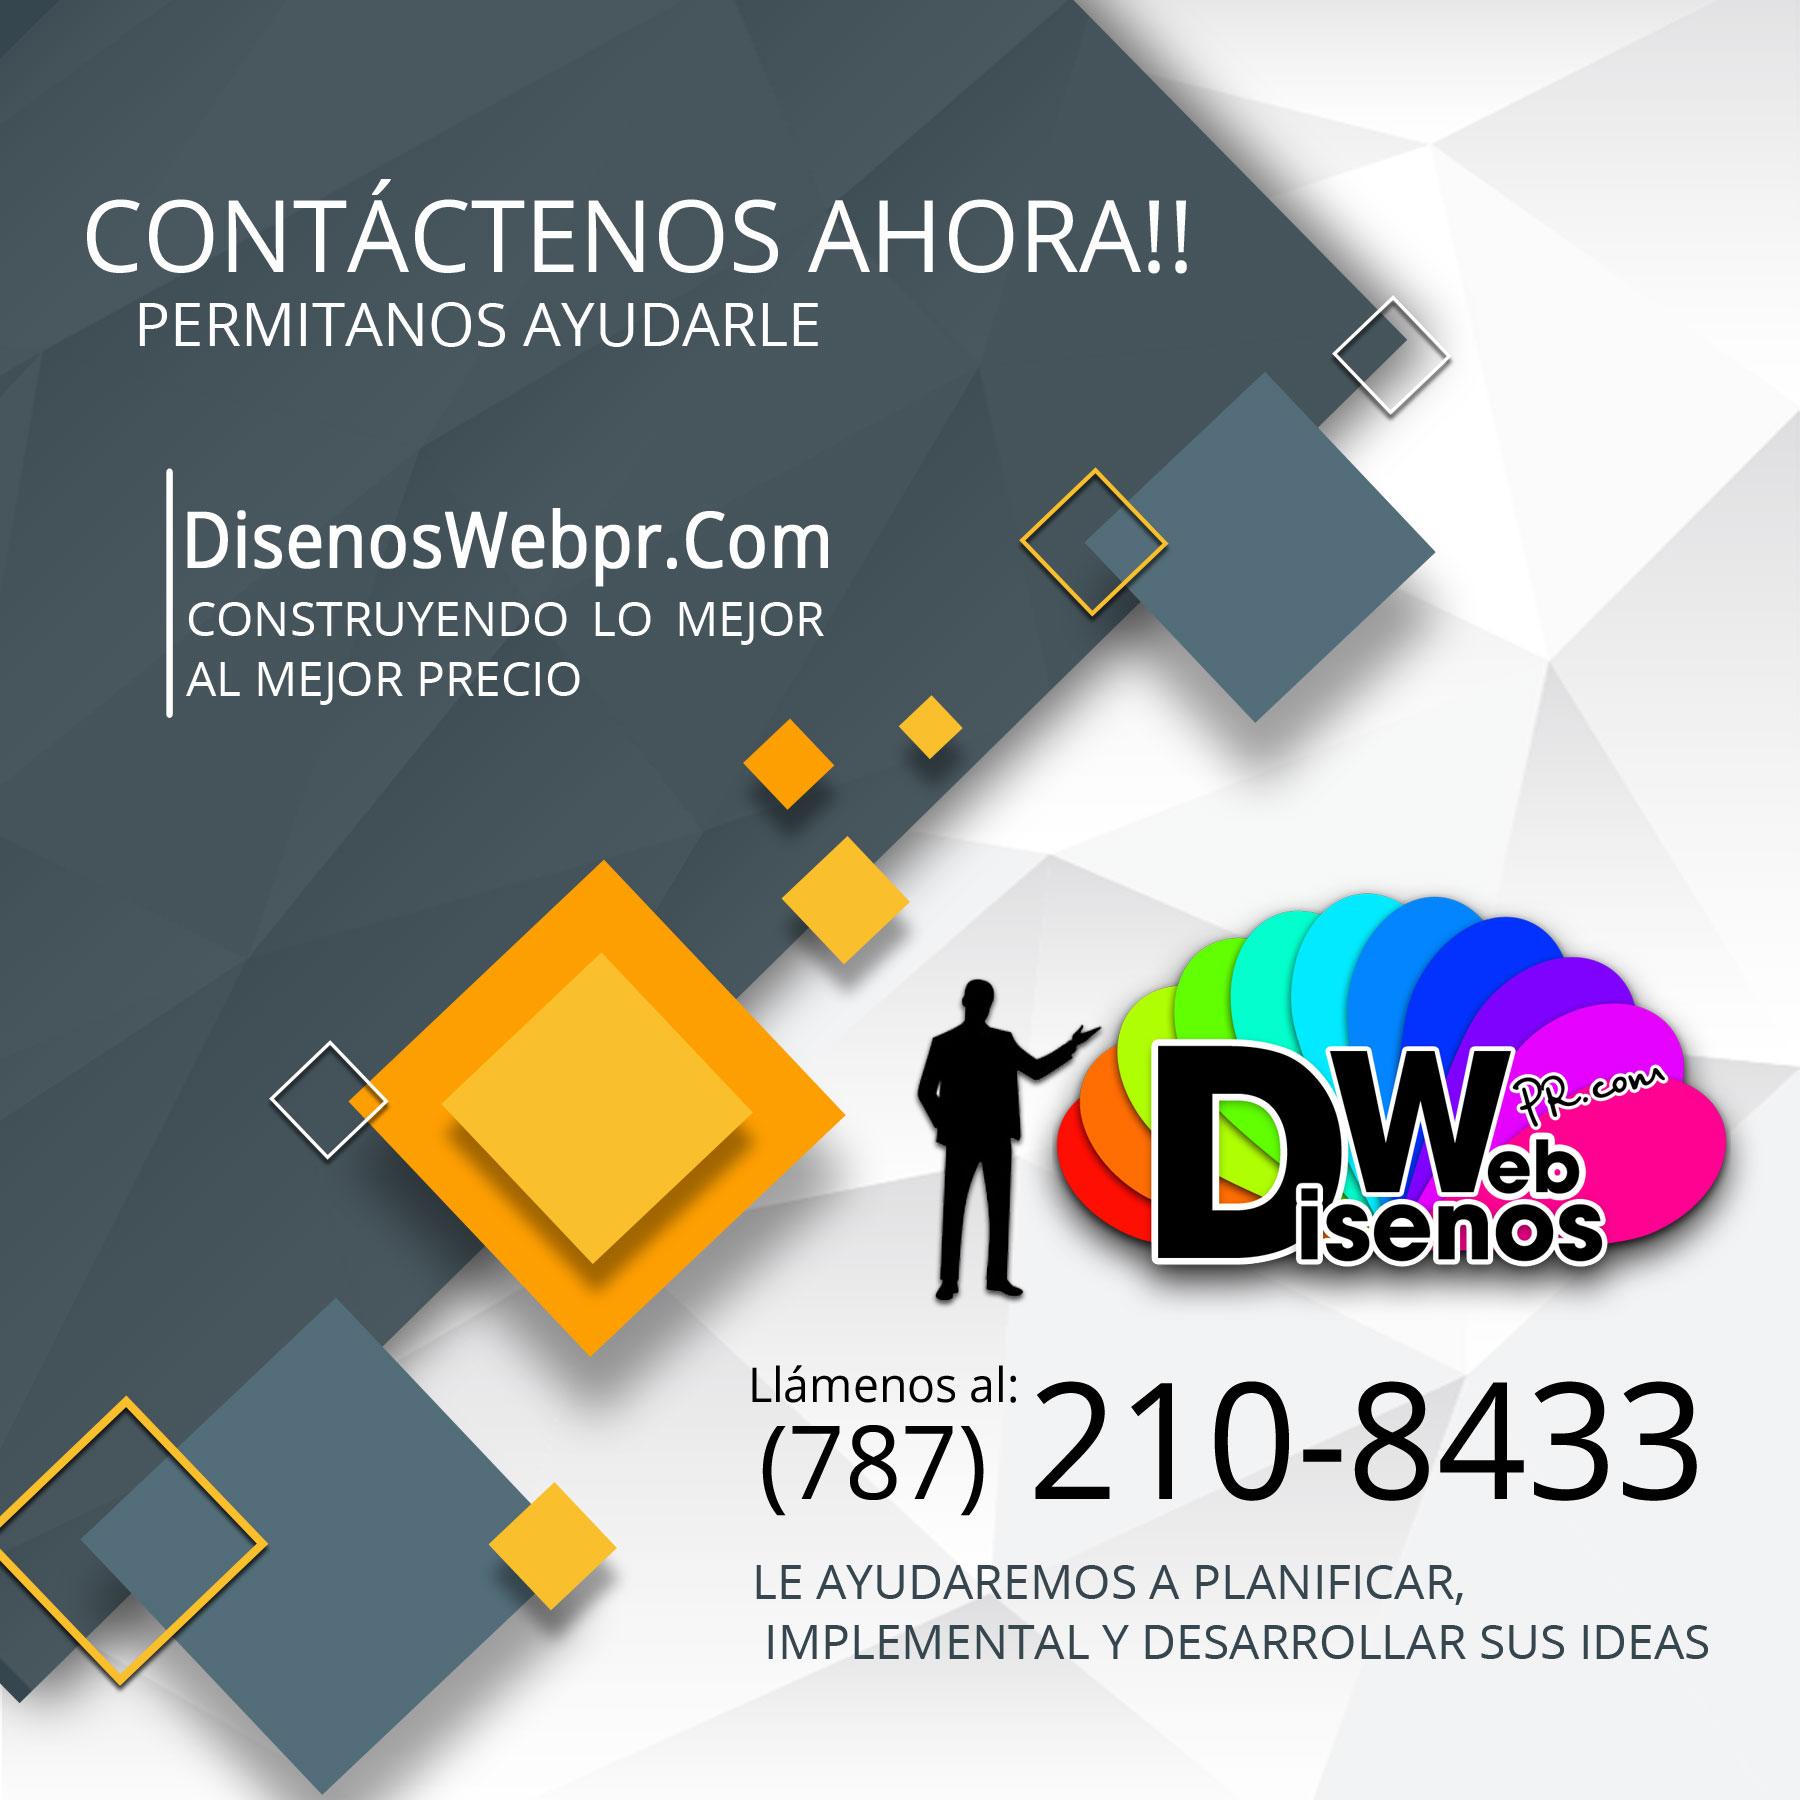 Diseñoswebpr.Com Contáctenos ahora